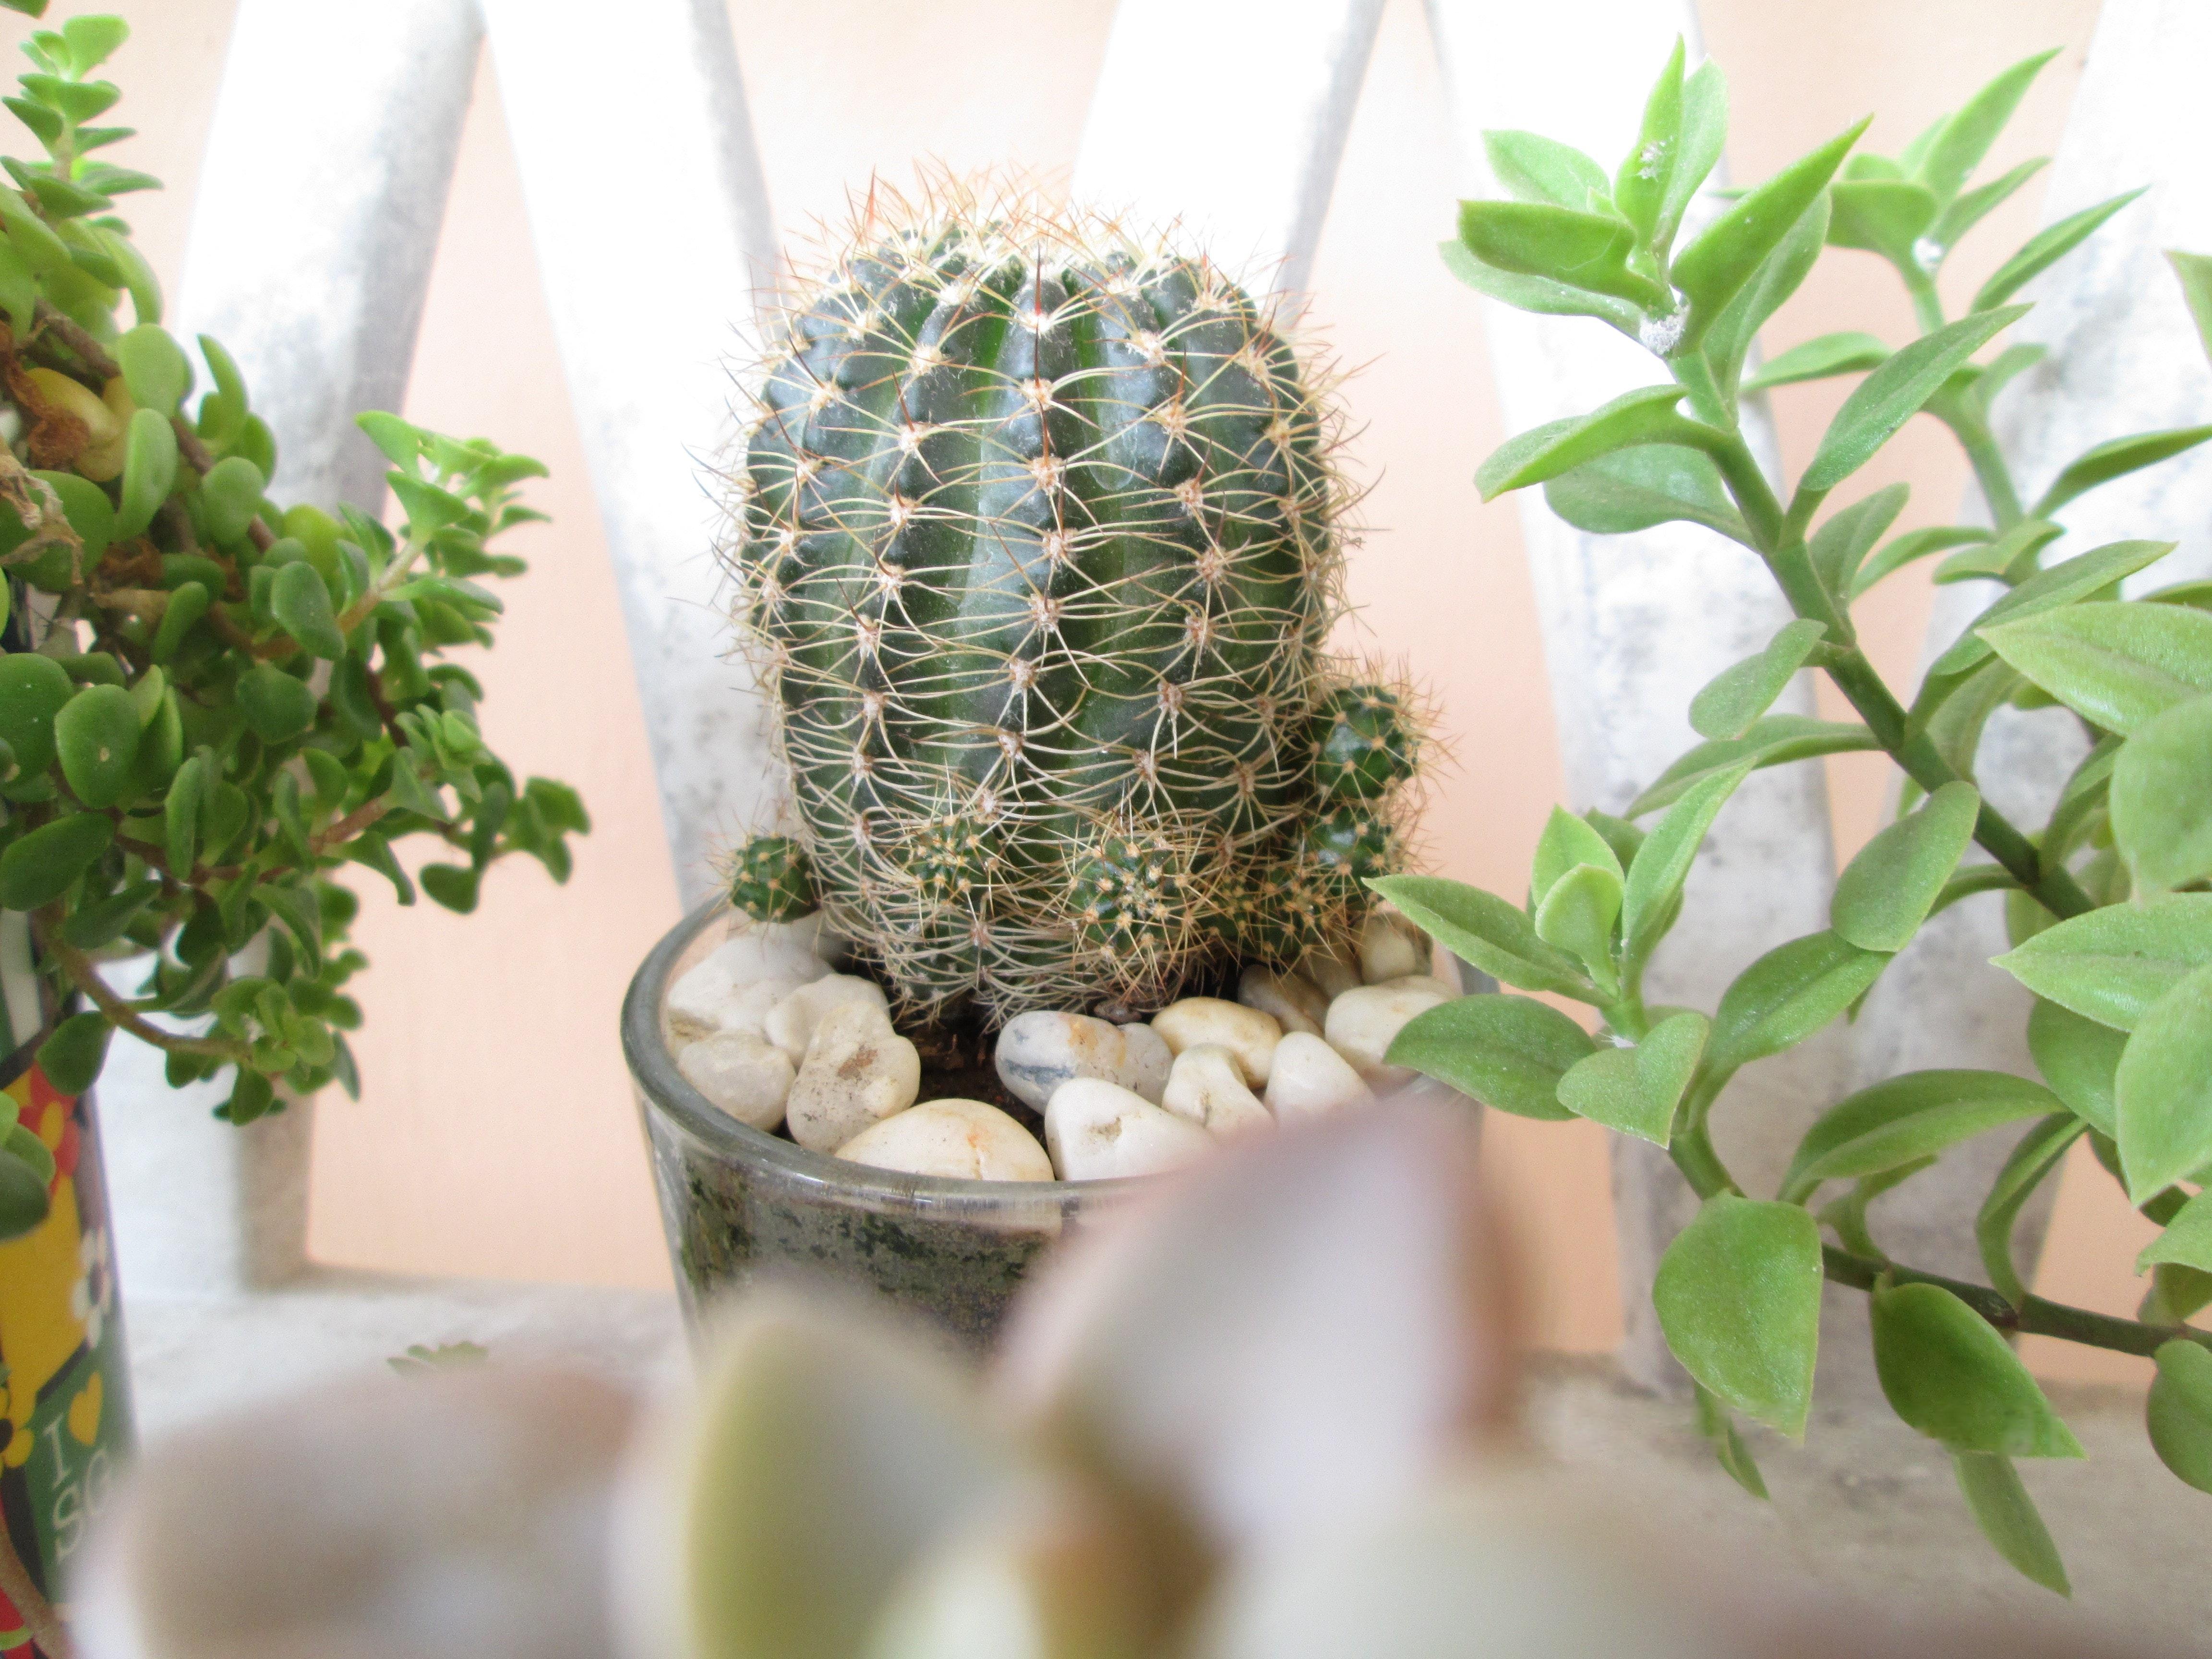 Wallpaper Tumblr Bilder Kaktus - Images | Slike